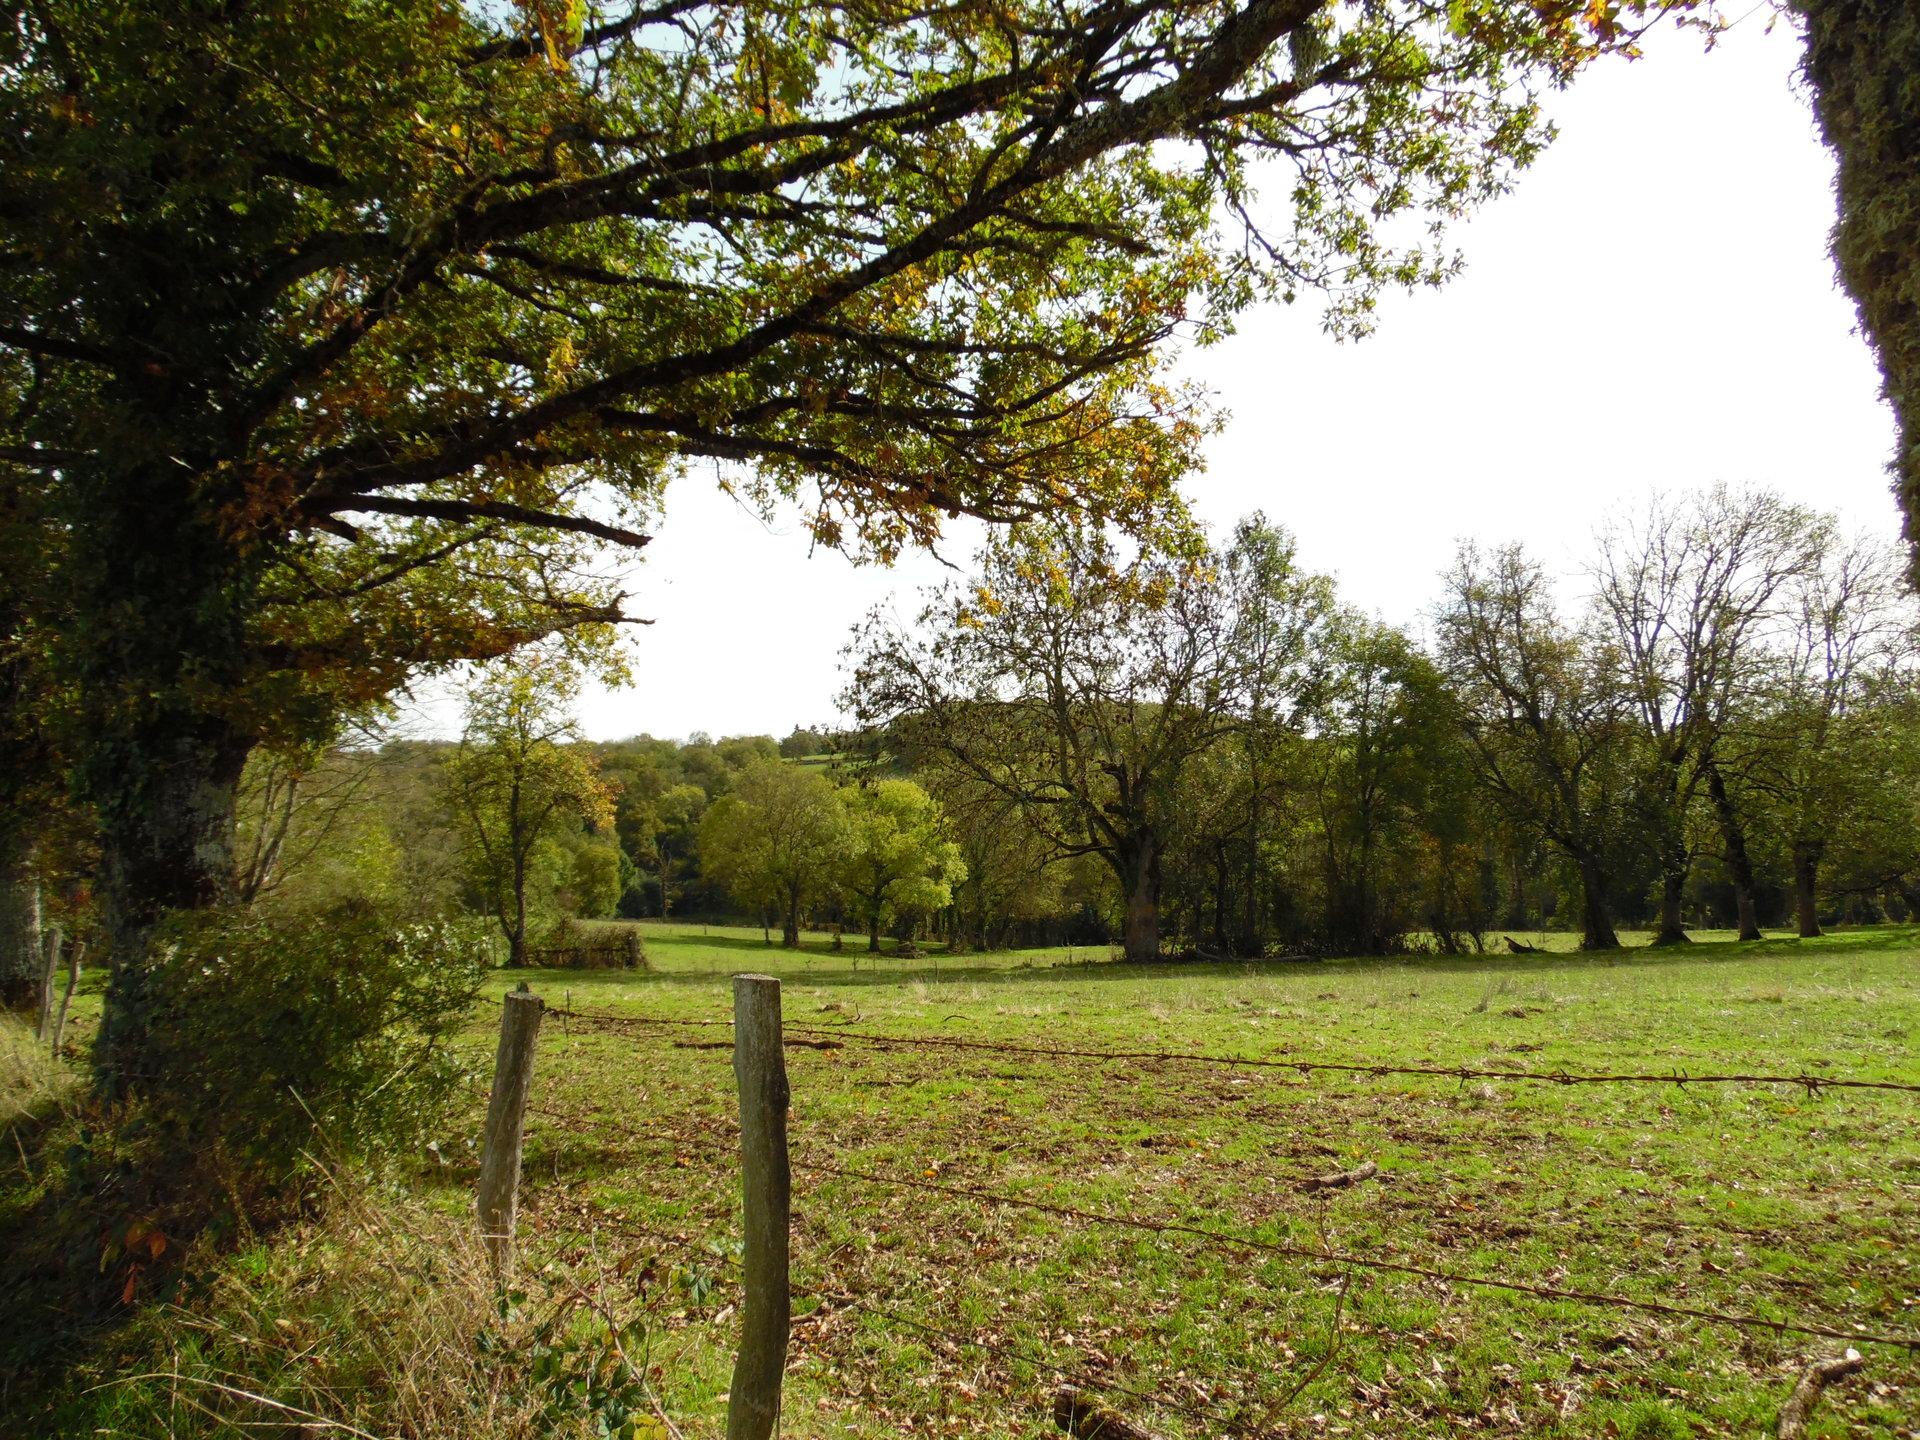 Zu verkaufen in der Creuse, Bauernhaus, Scheune, 13 ha. Land